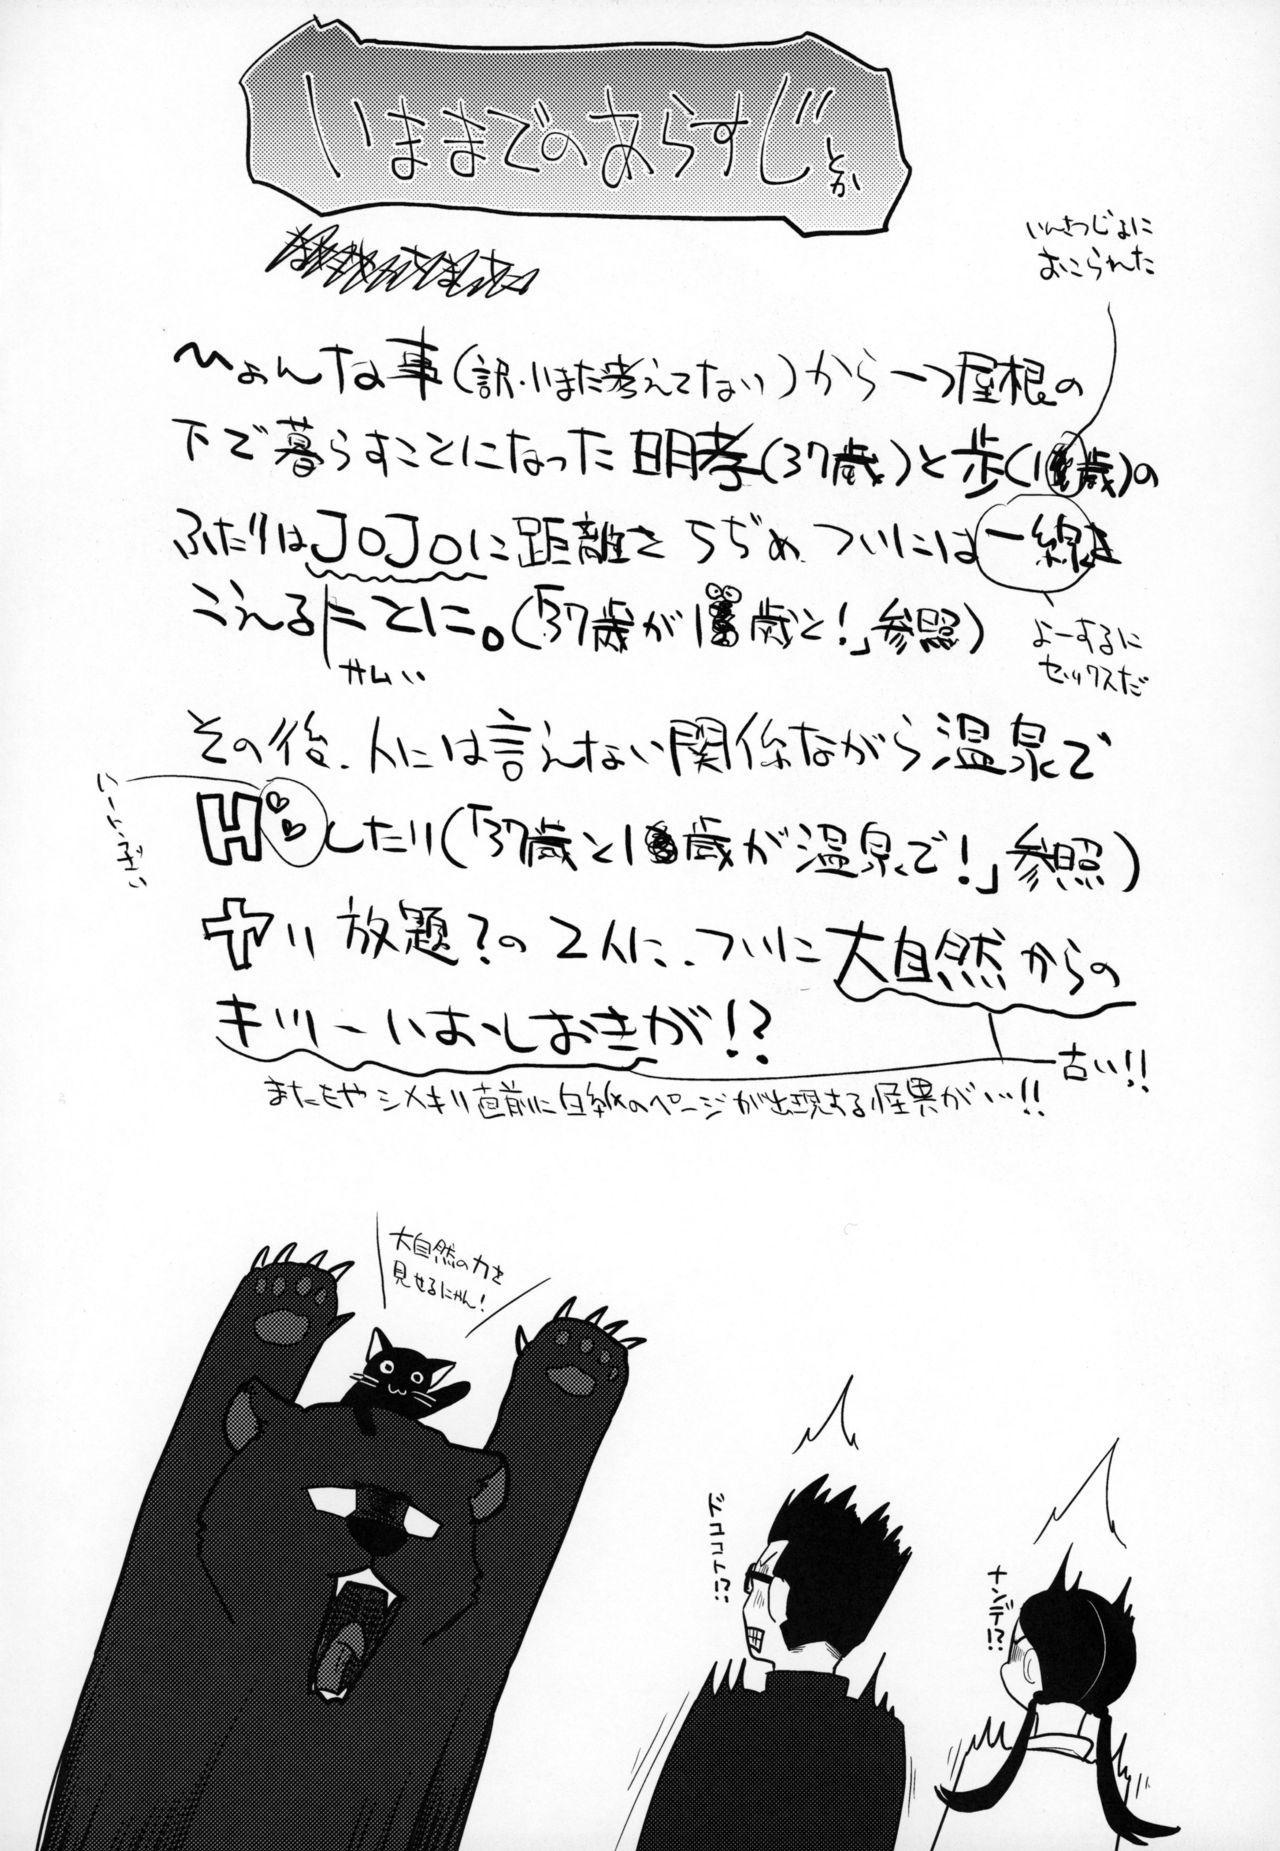 (C94) [Tsumasaki Label (Hidari Kagetora)] 37-sai to 1X-sai ga Kaze Hiite!? 2